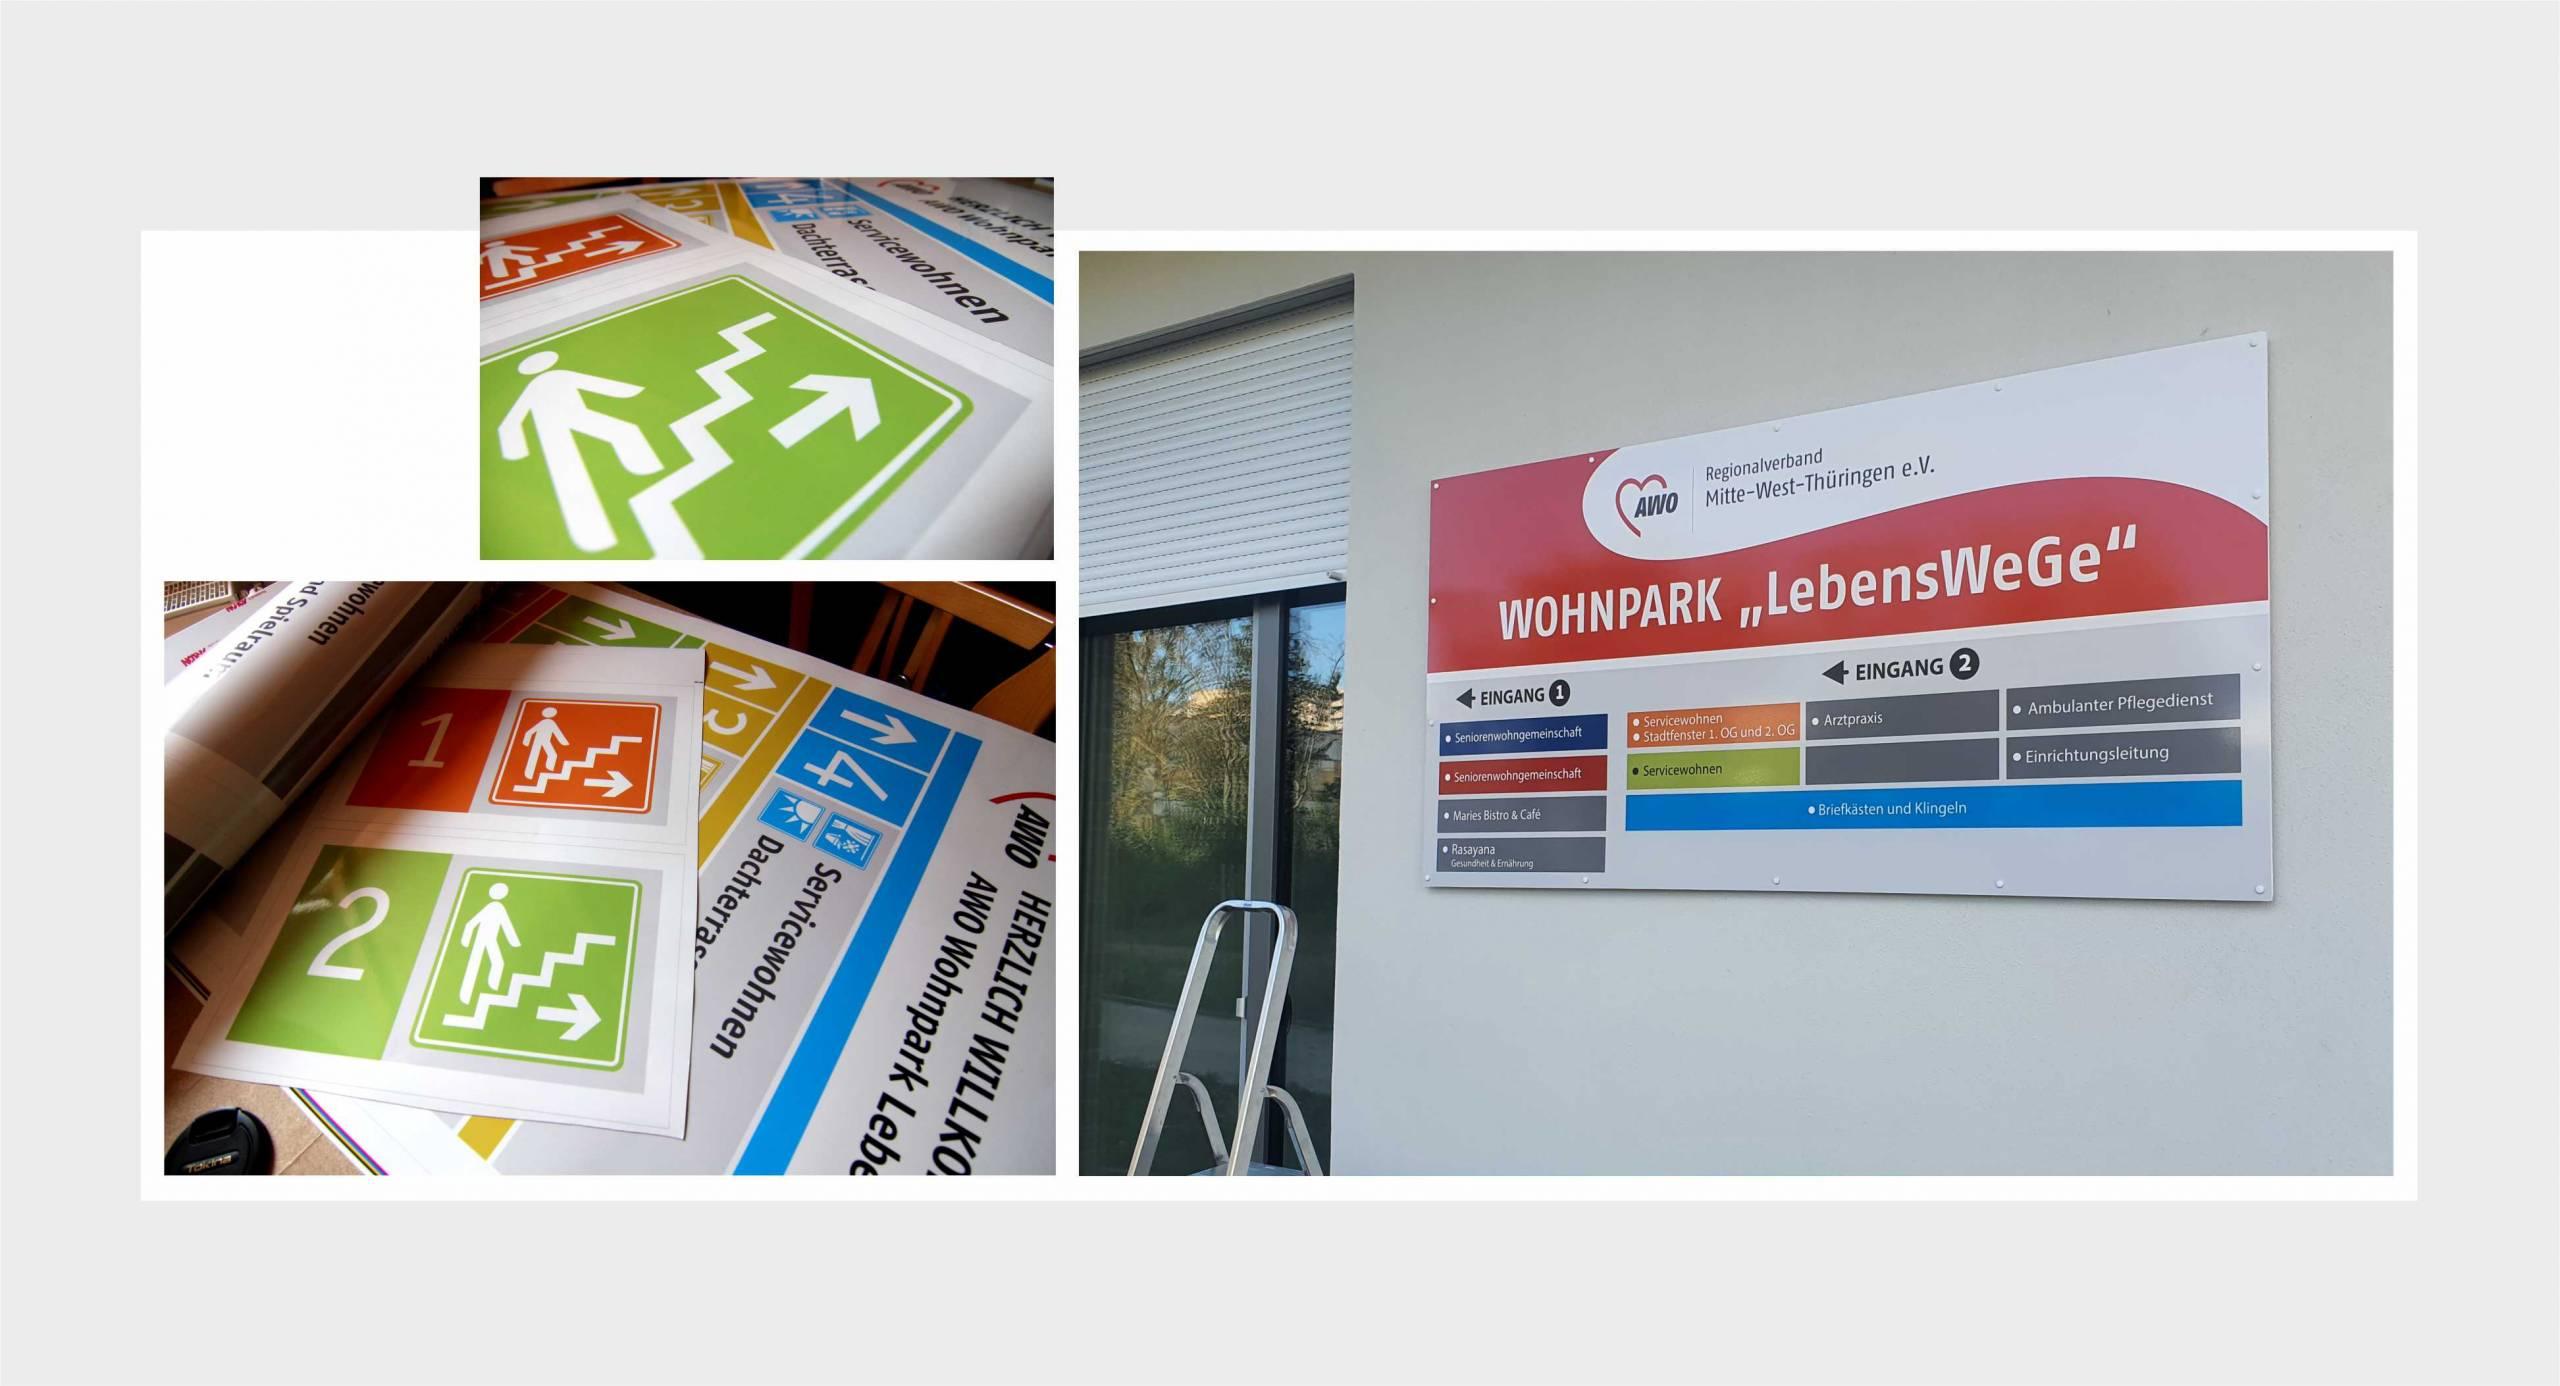 Regionalverband Mitte-West-Thüringen – Objektbeschilderungen